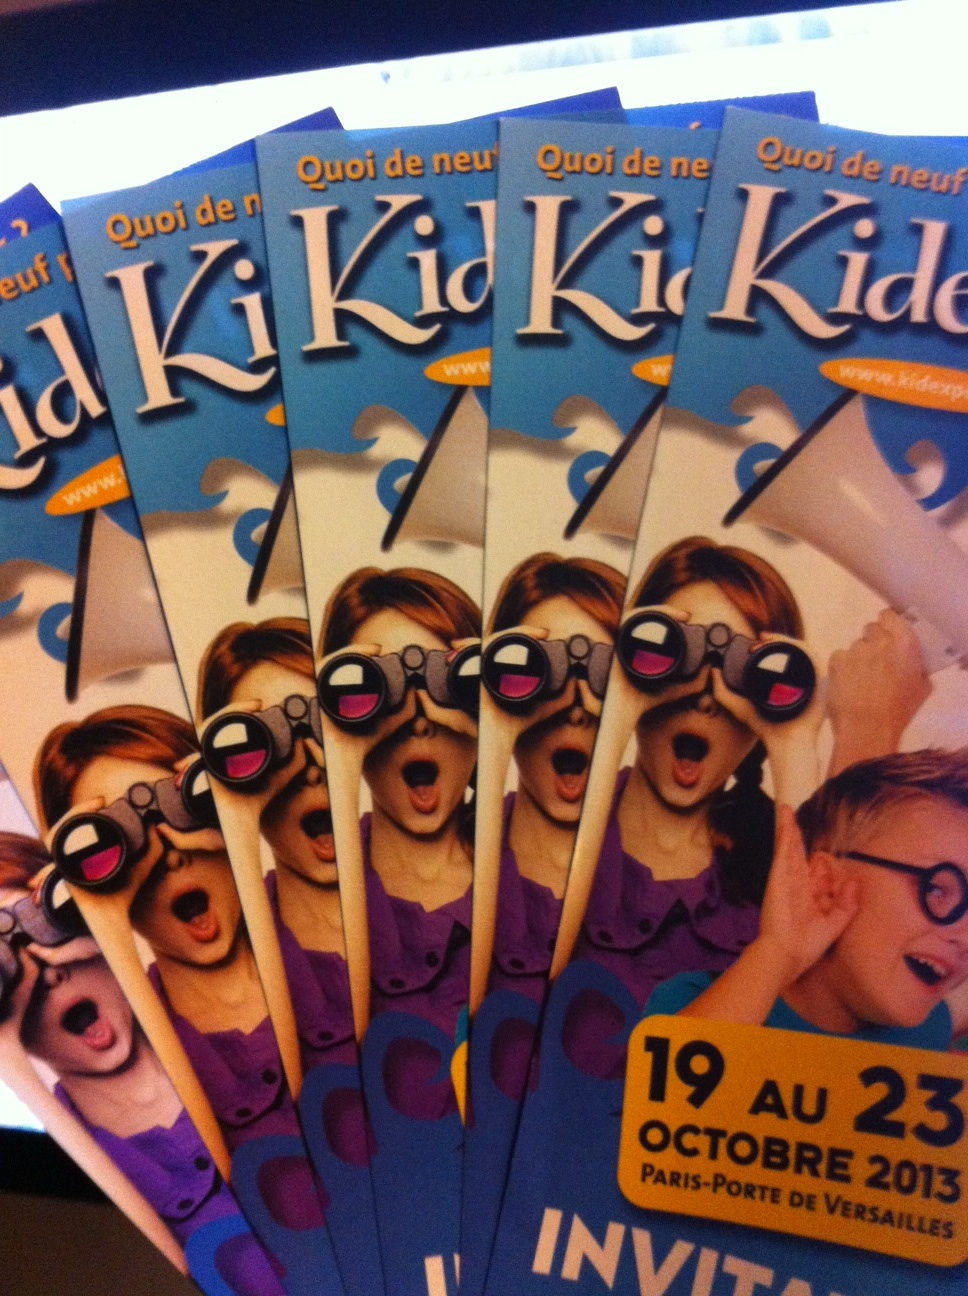 Gagnez des entrées gratuites pour Kidexpo 2013